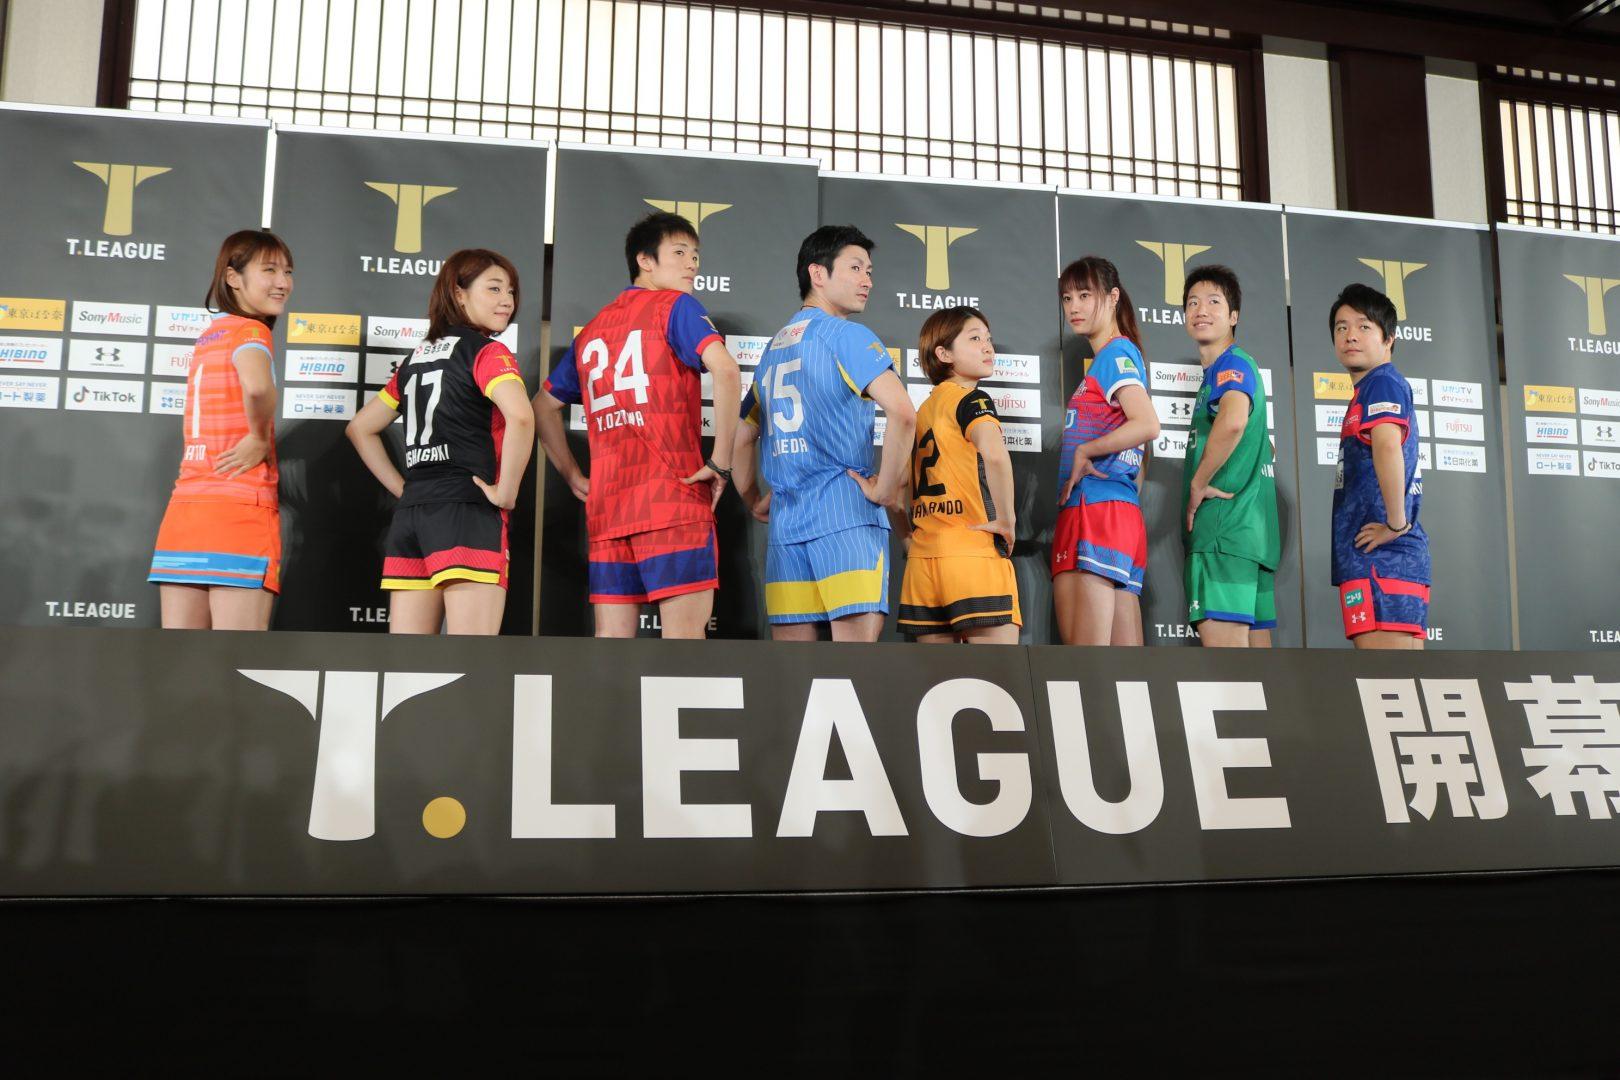 【卓球・Tリーグ】菱洋エレクトロ株式会社とオフィシャルスポンサー契約を締結